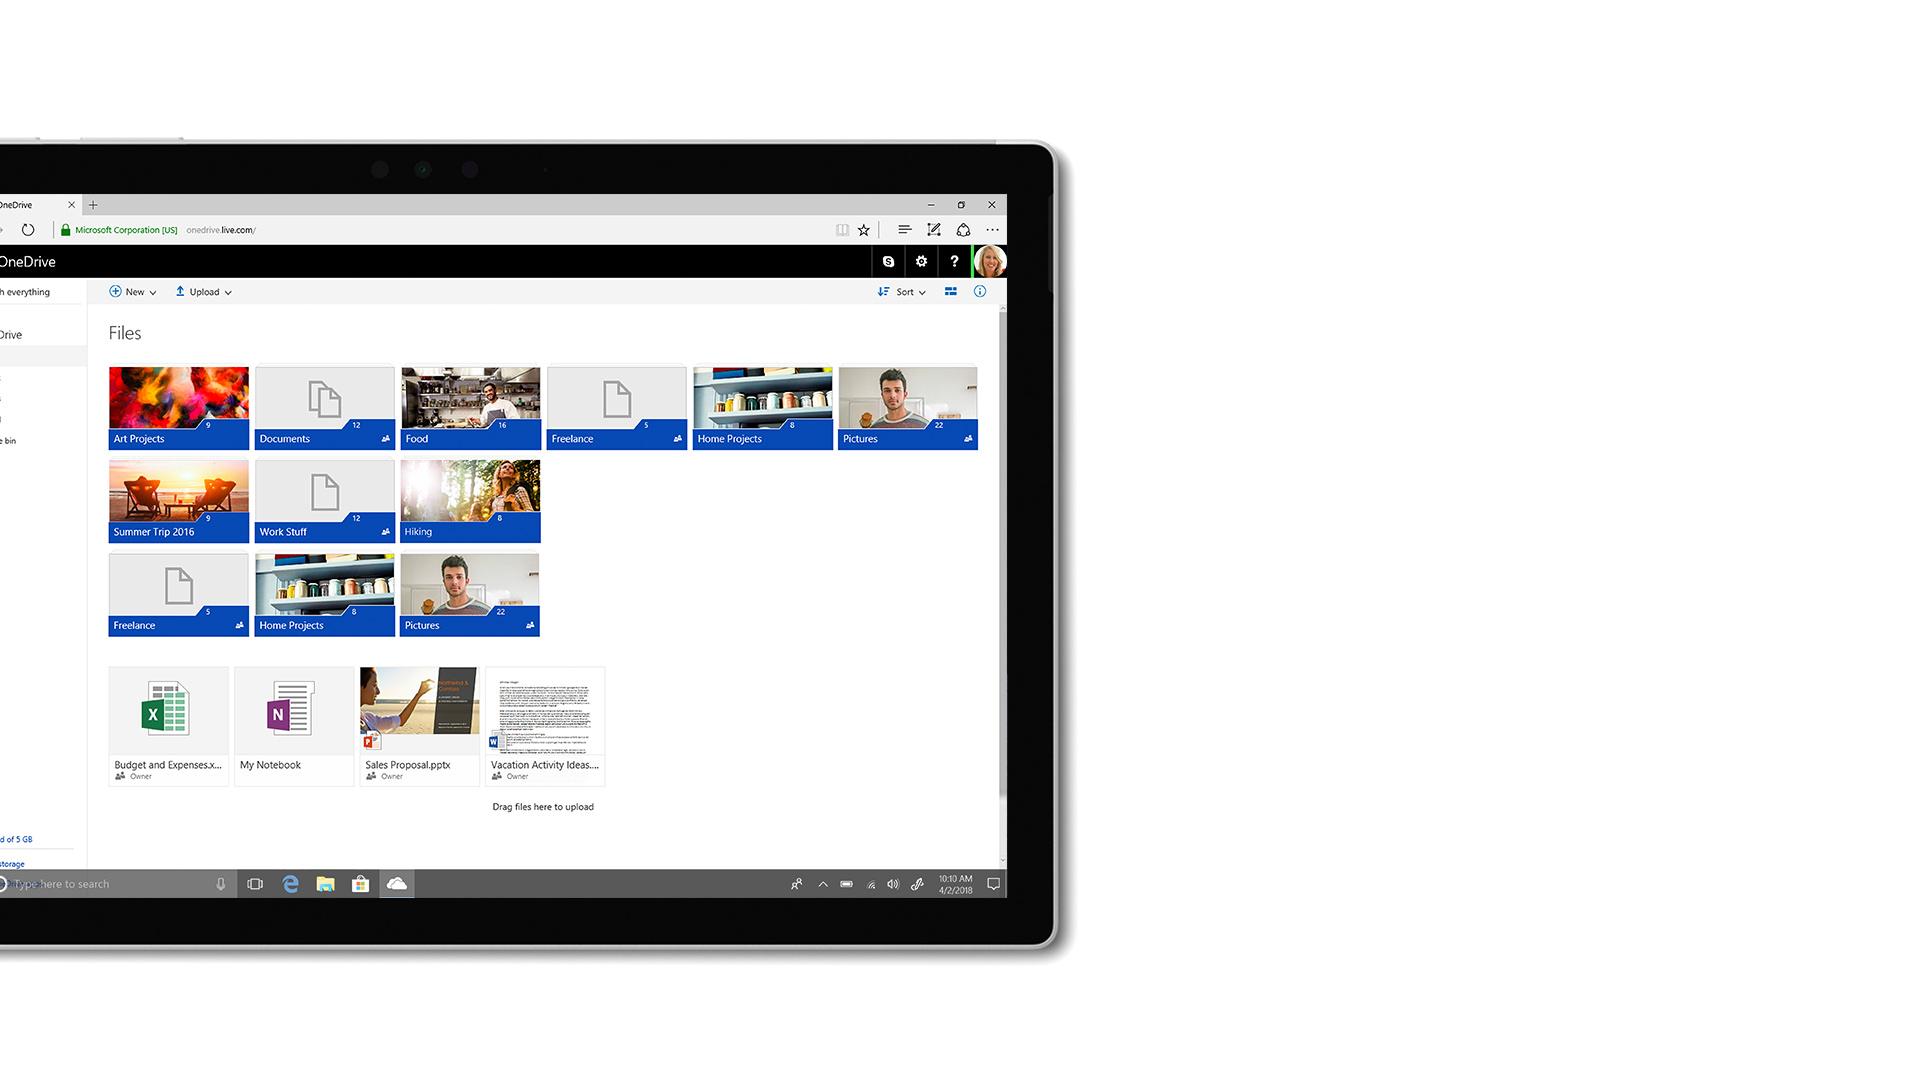 Bild von Microsoft OneDrive-Benutzeroberfläche